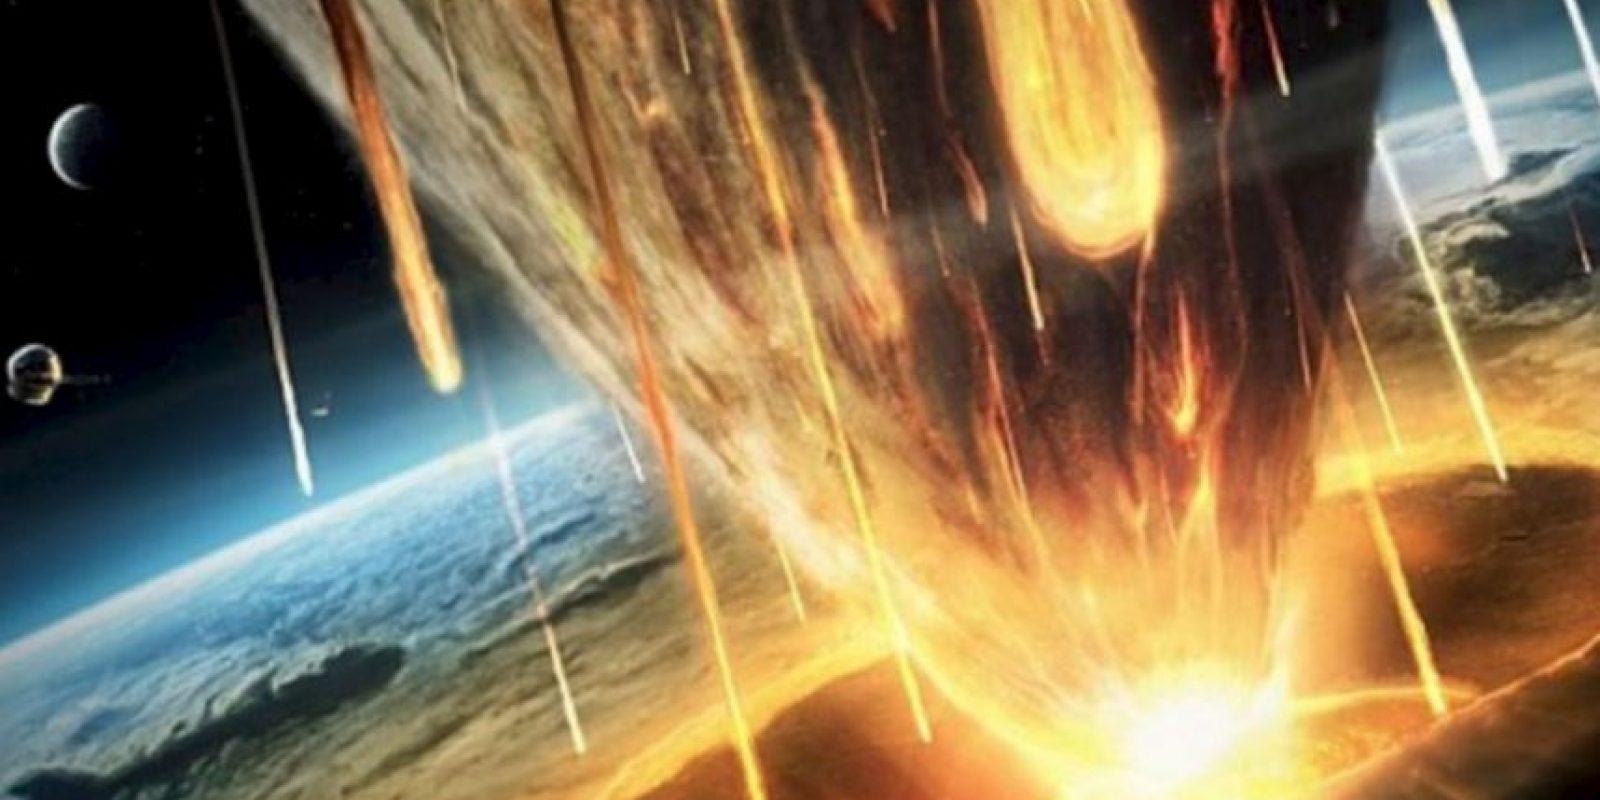 La especie humana se extinguiría por completo. Foto:Astroart